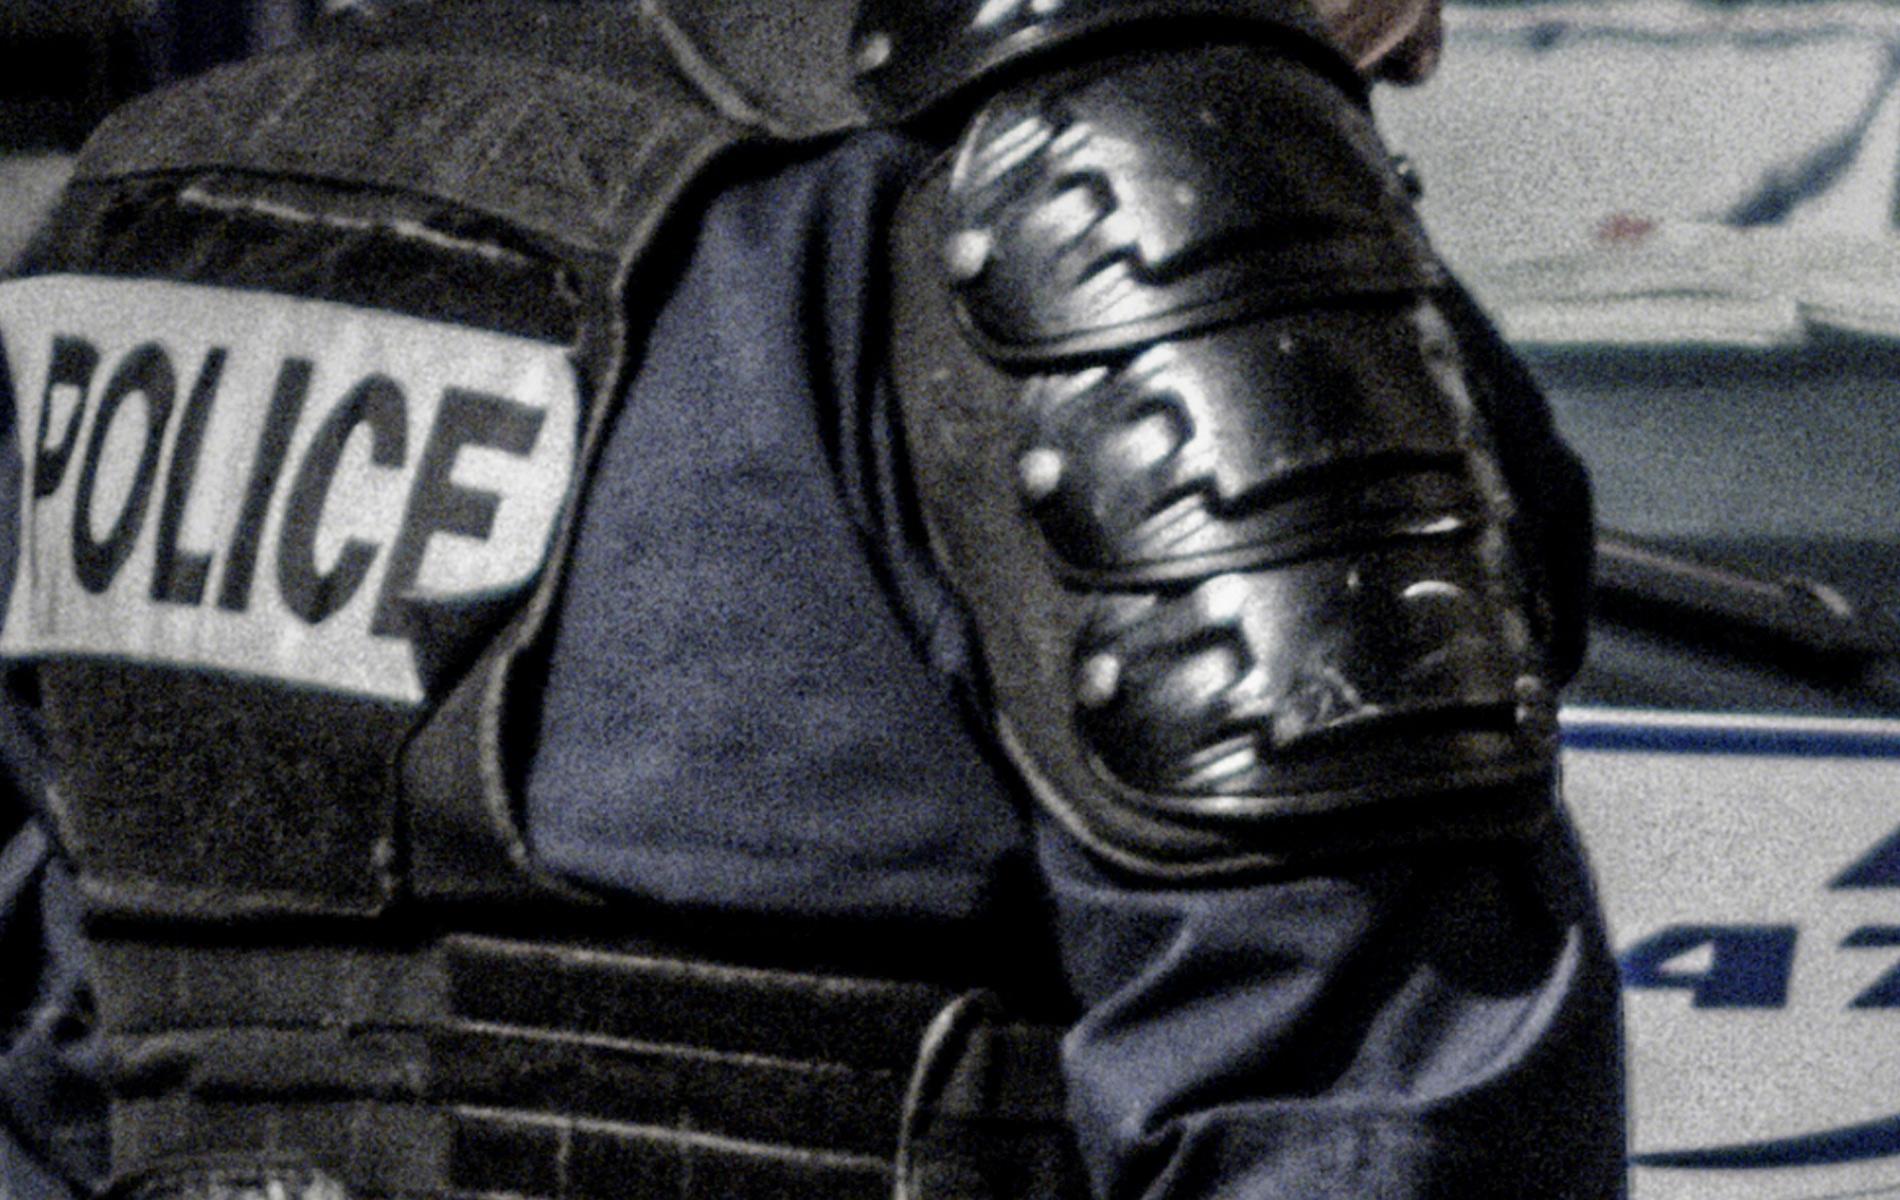 La Première Ligne - 7 personnages, 1 commissariat, 20 ans de vie de flic.